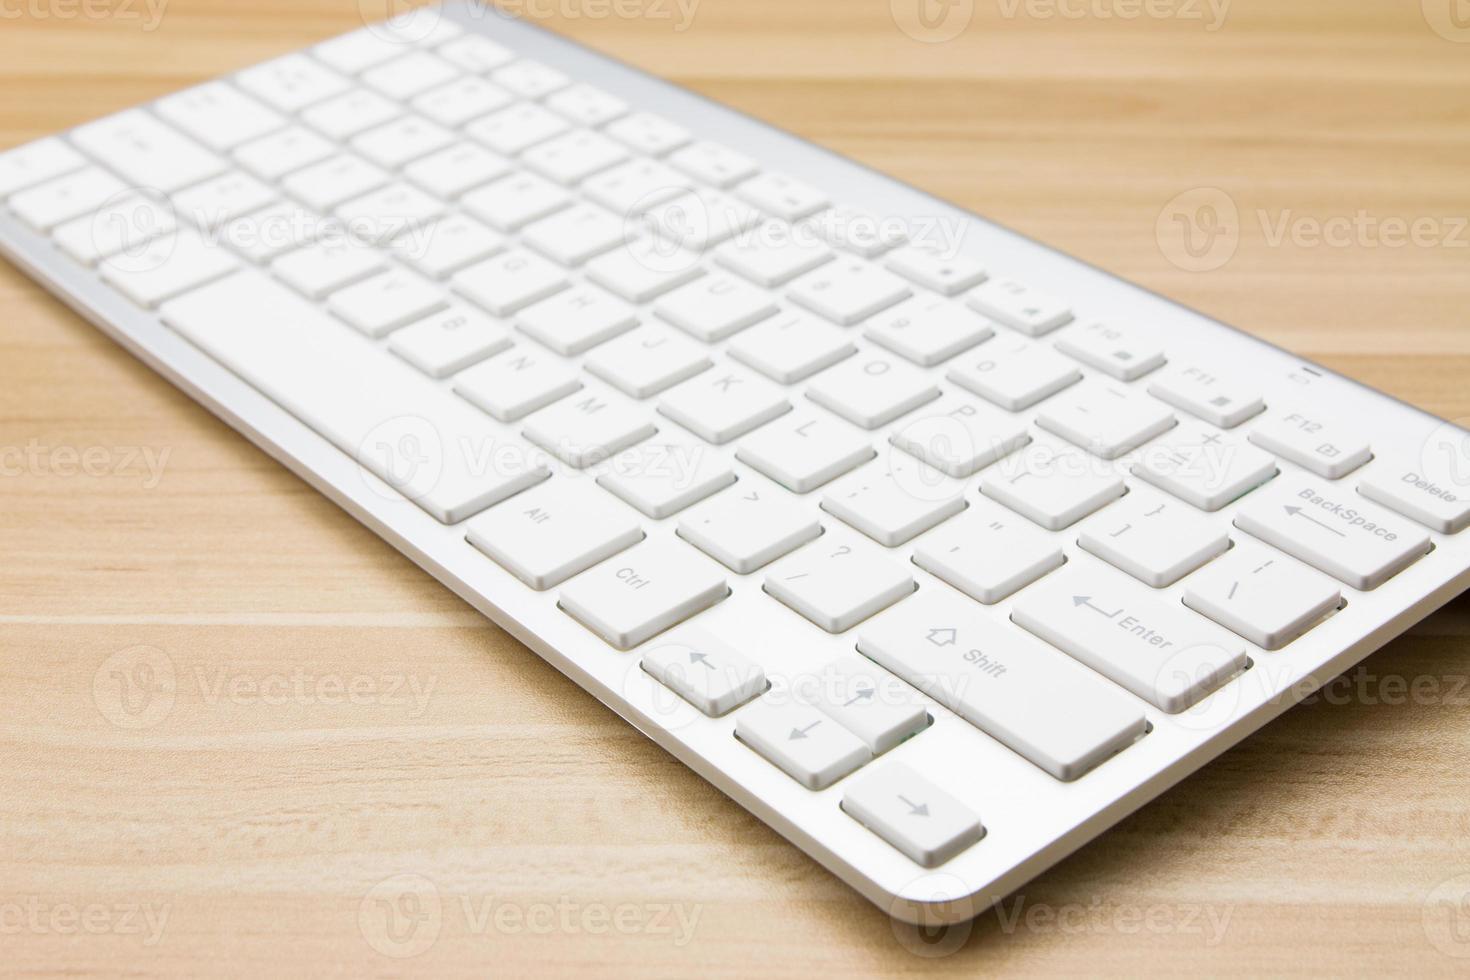 tastiera bianca sulla scrivania foto